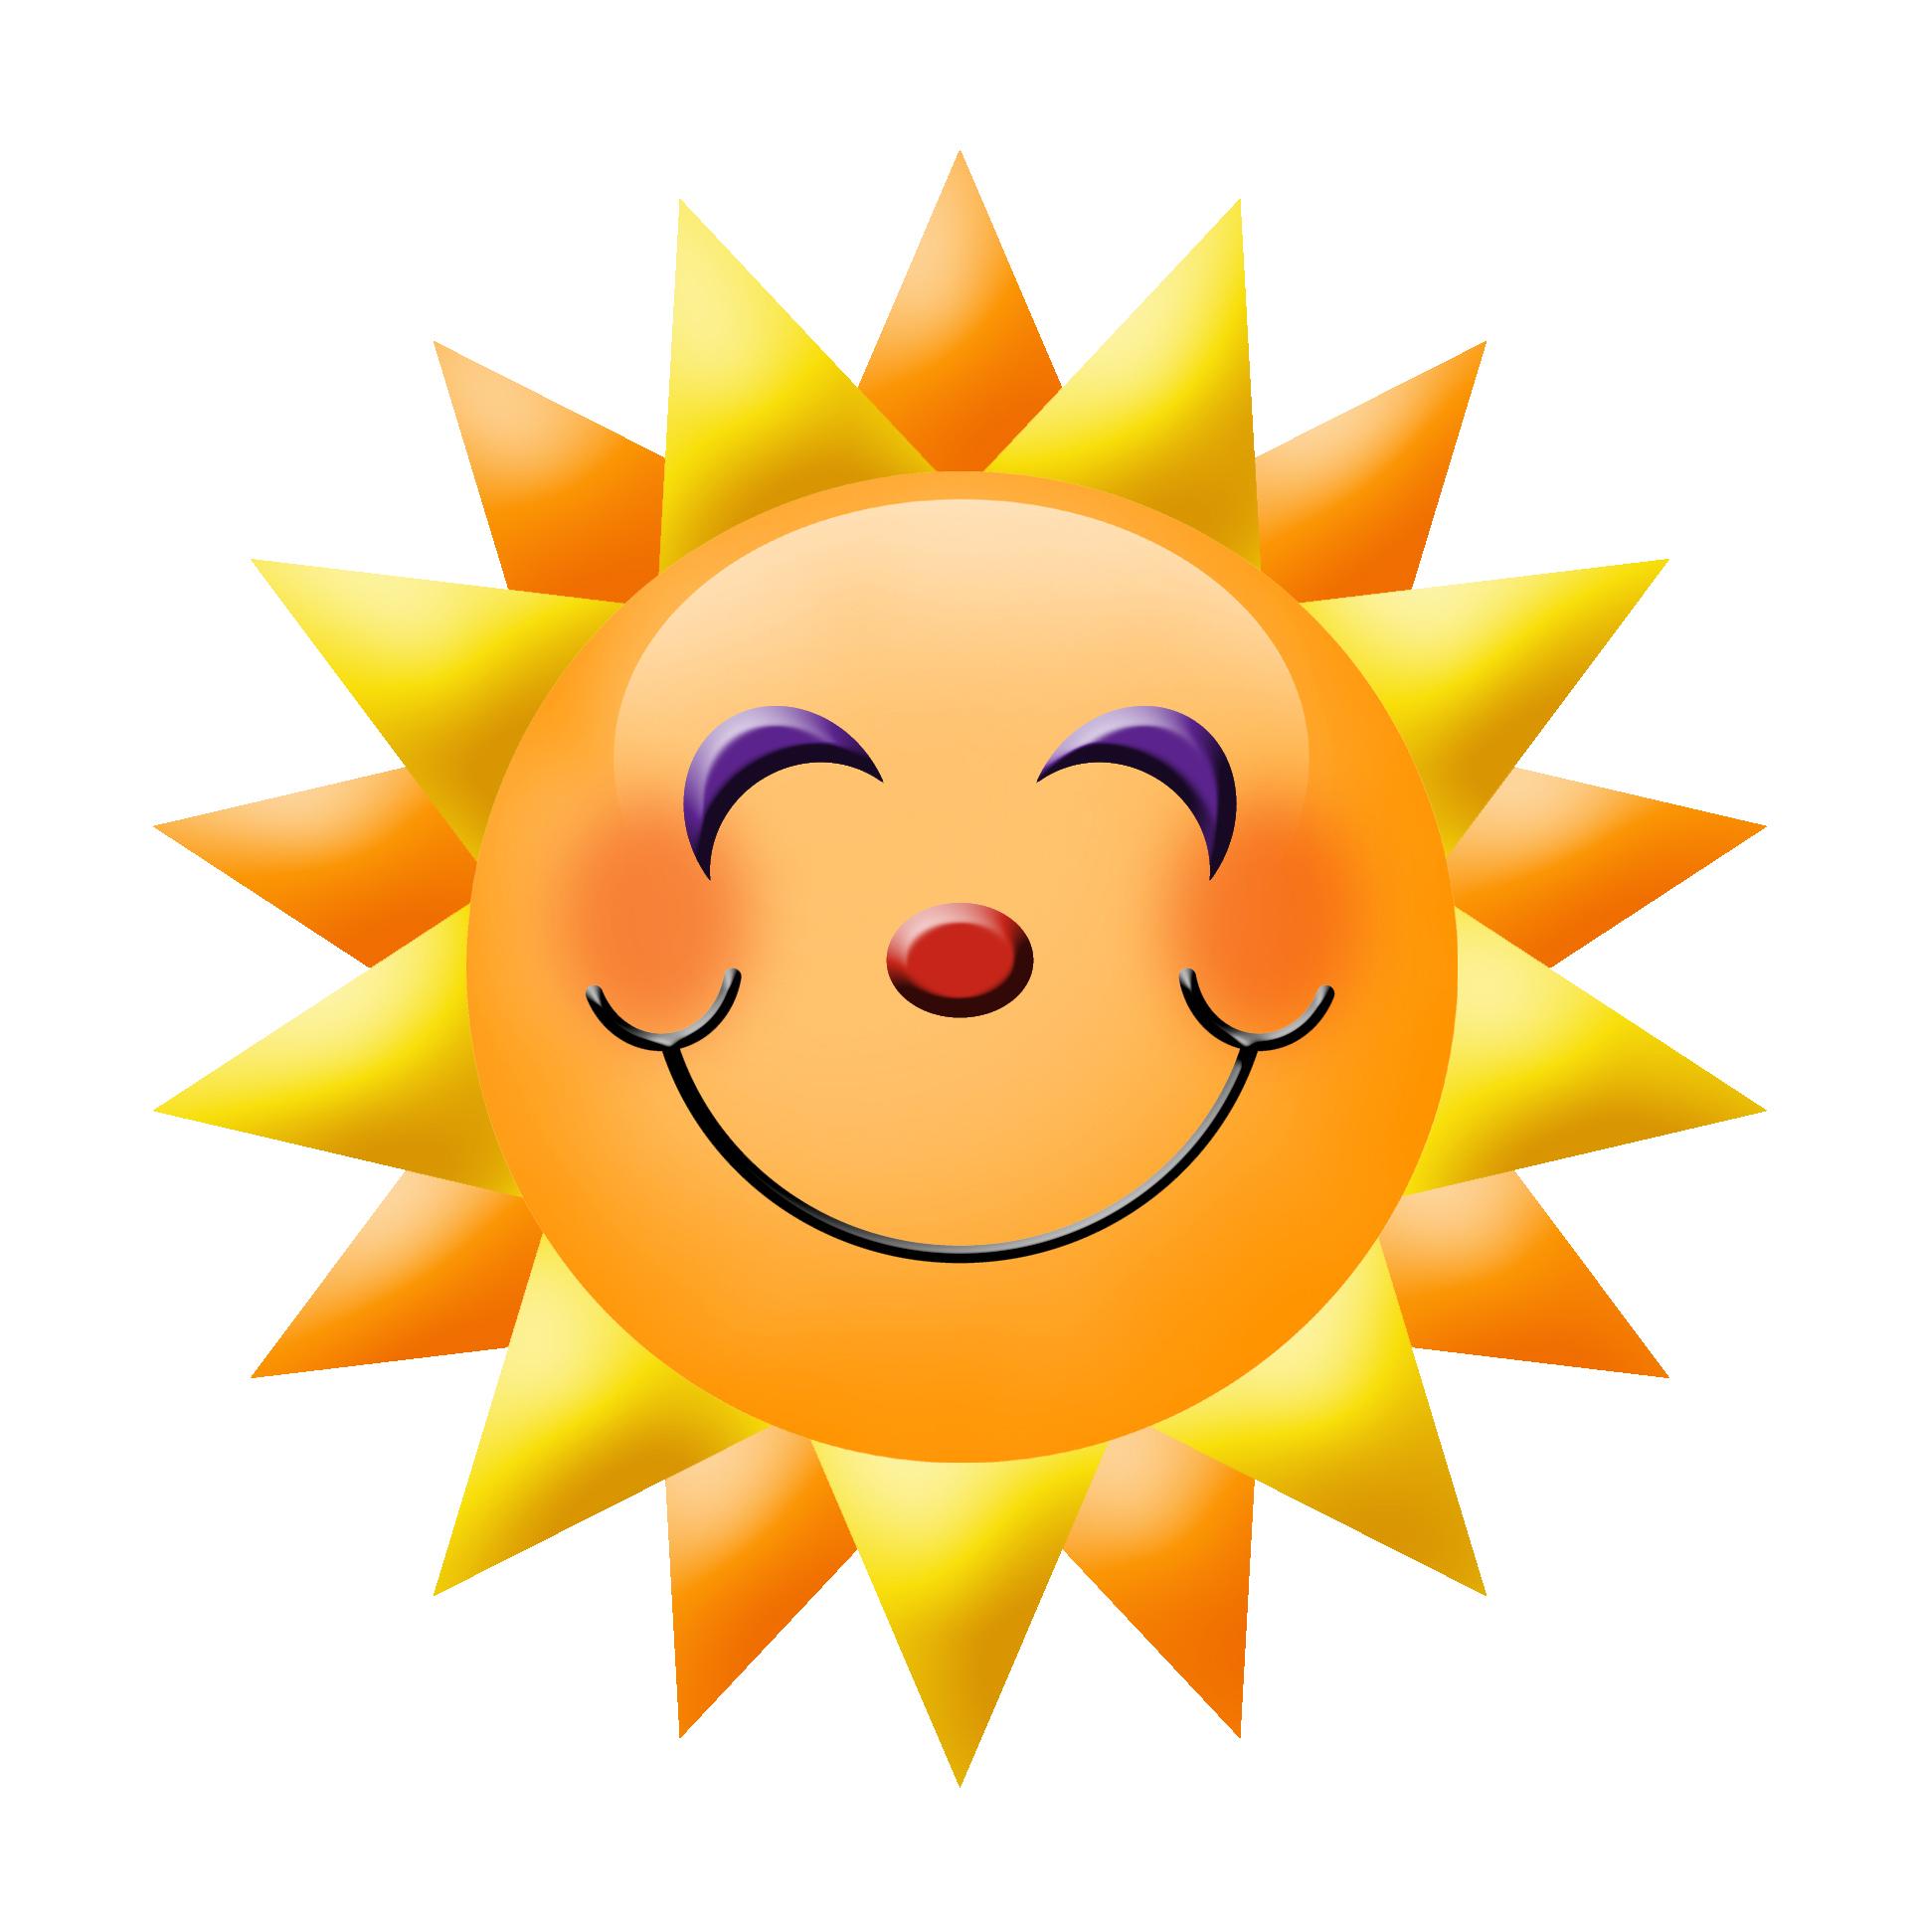 Clip art smiley face sun